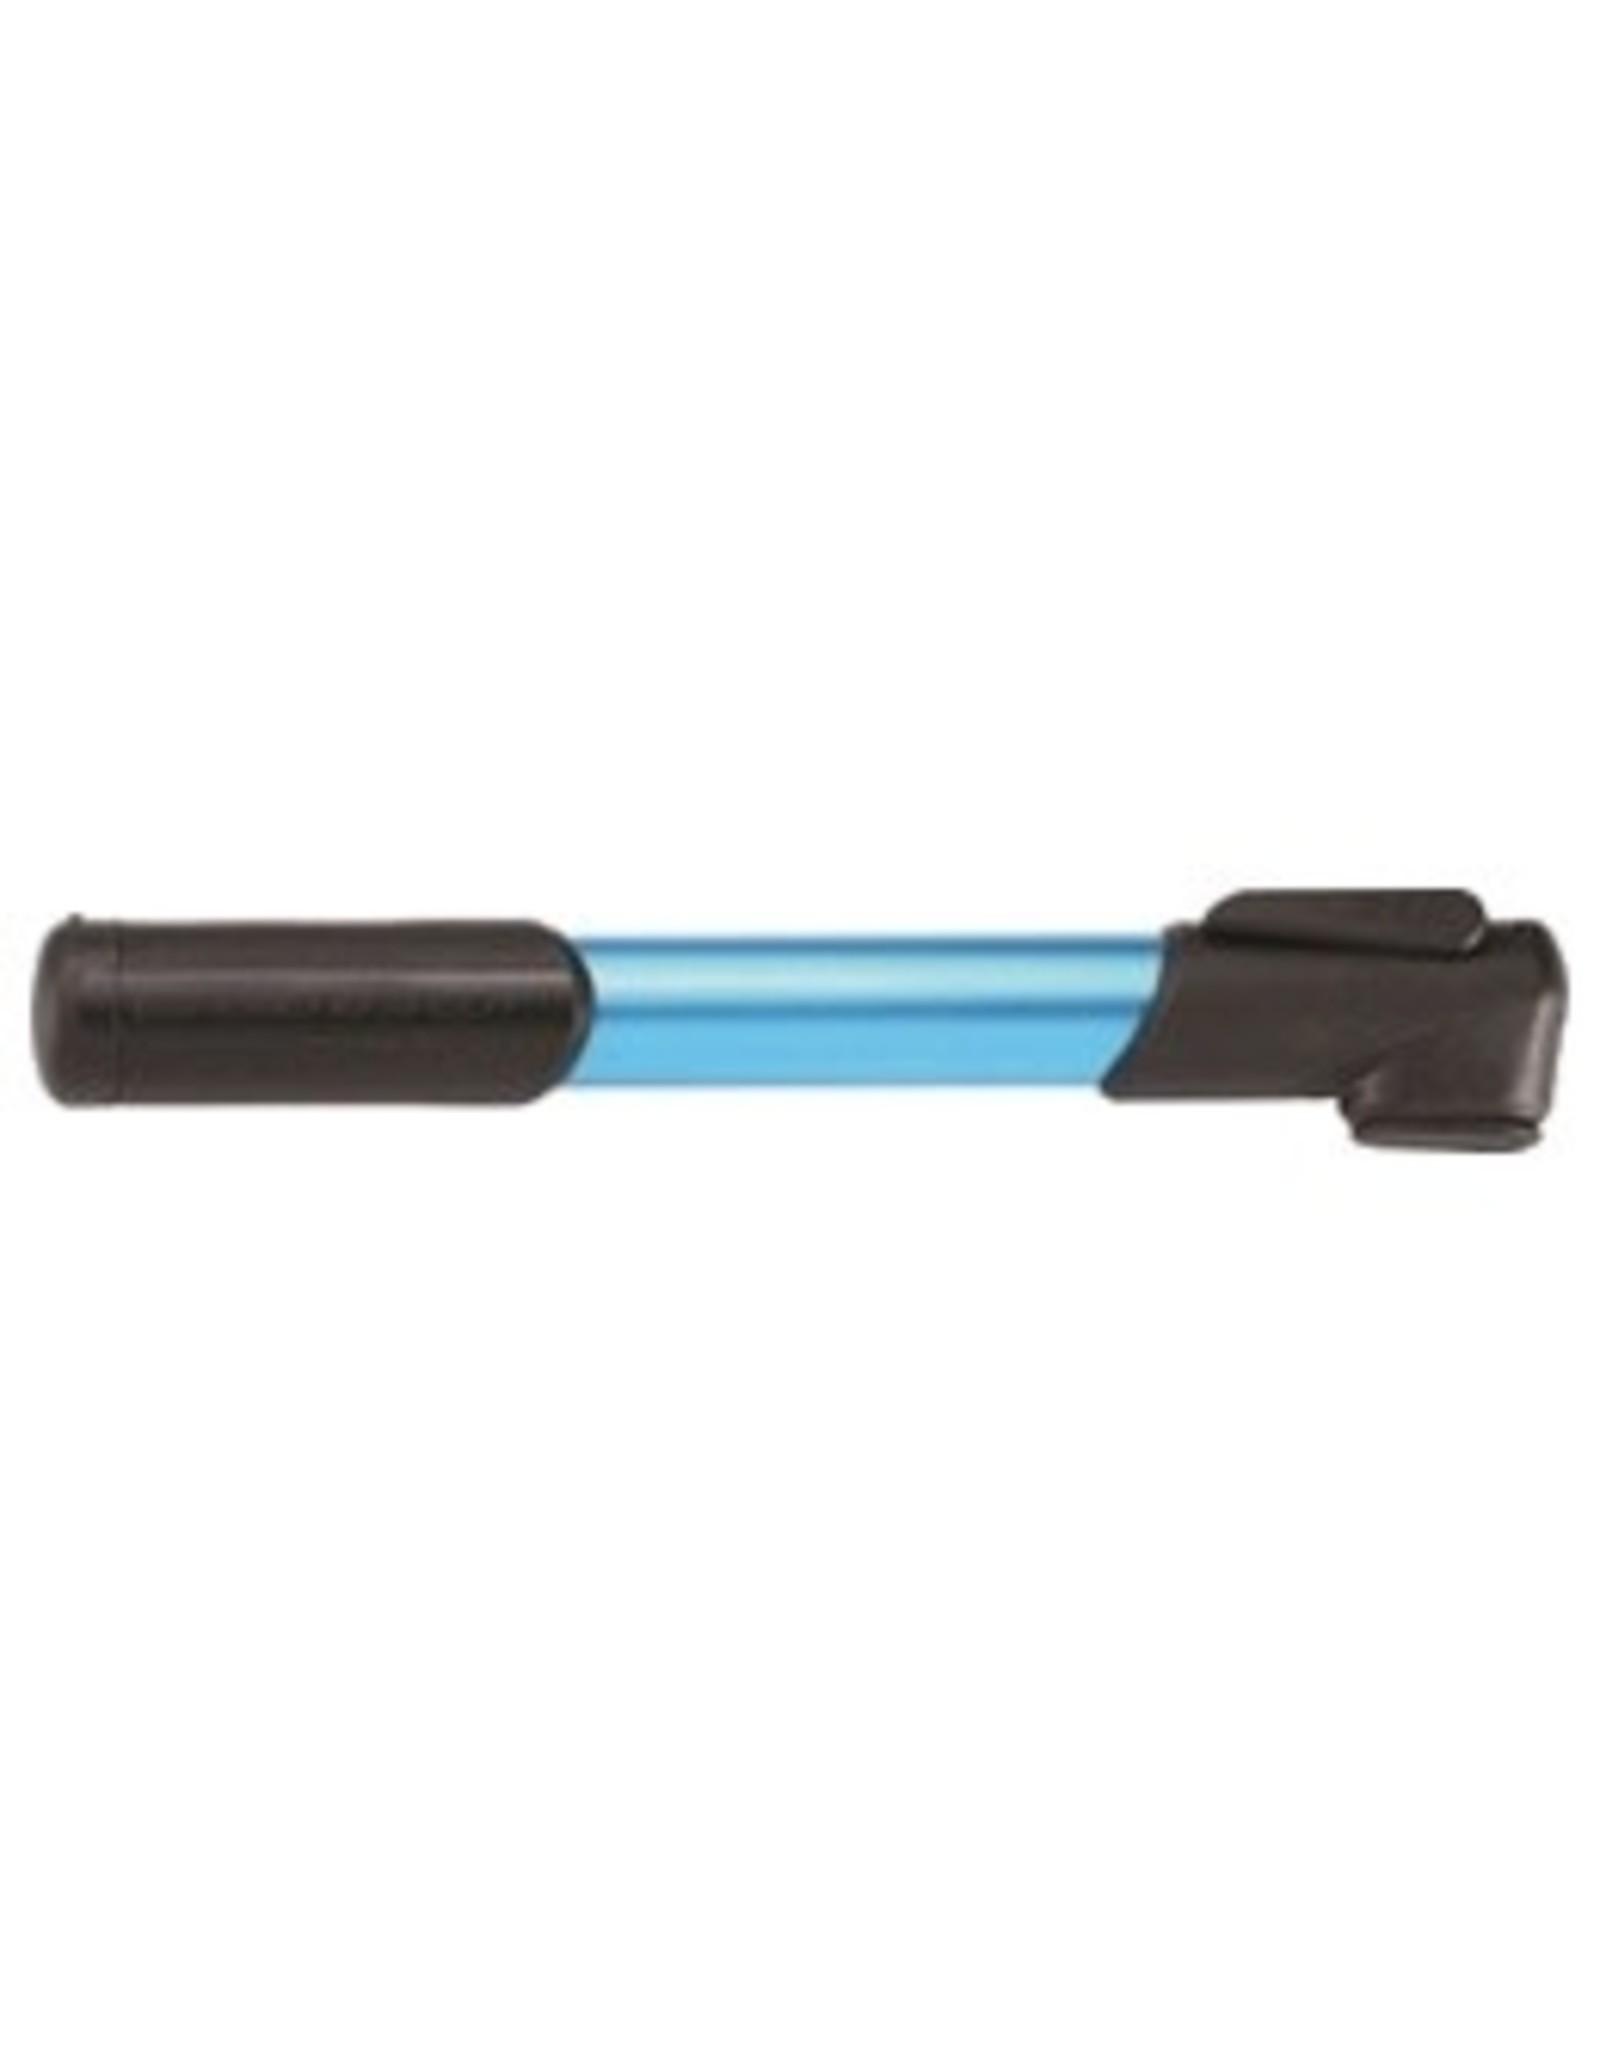 BBB WINDRUSH S 230MM BLUE